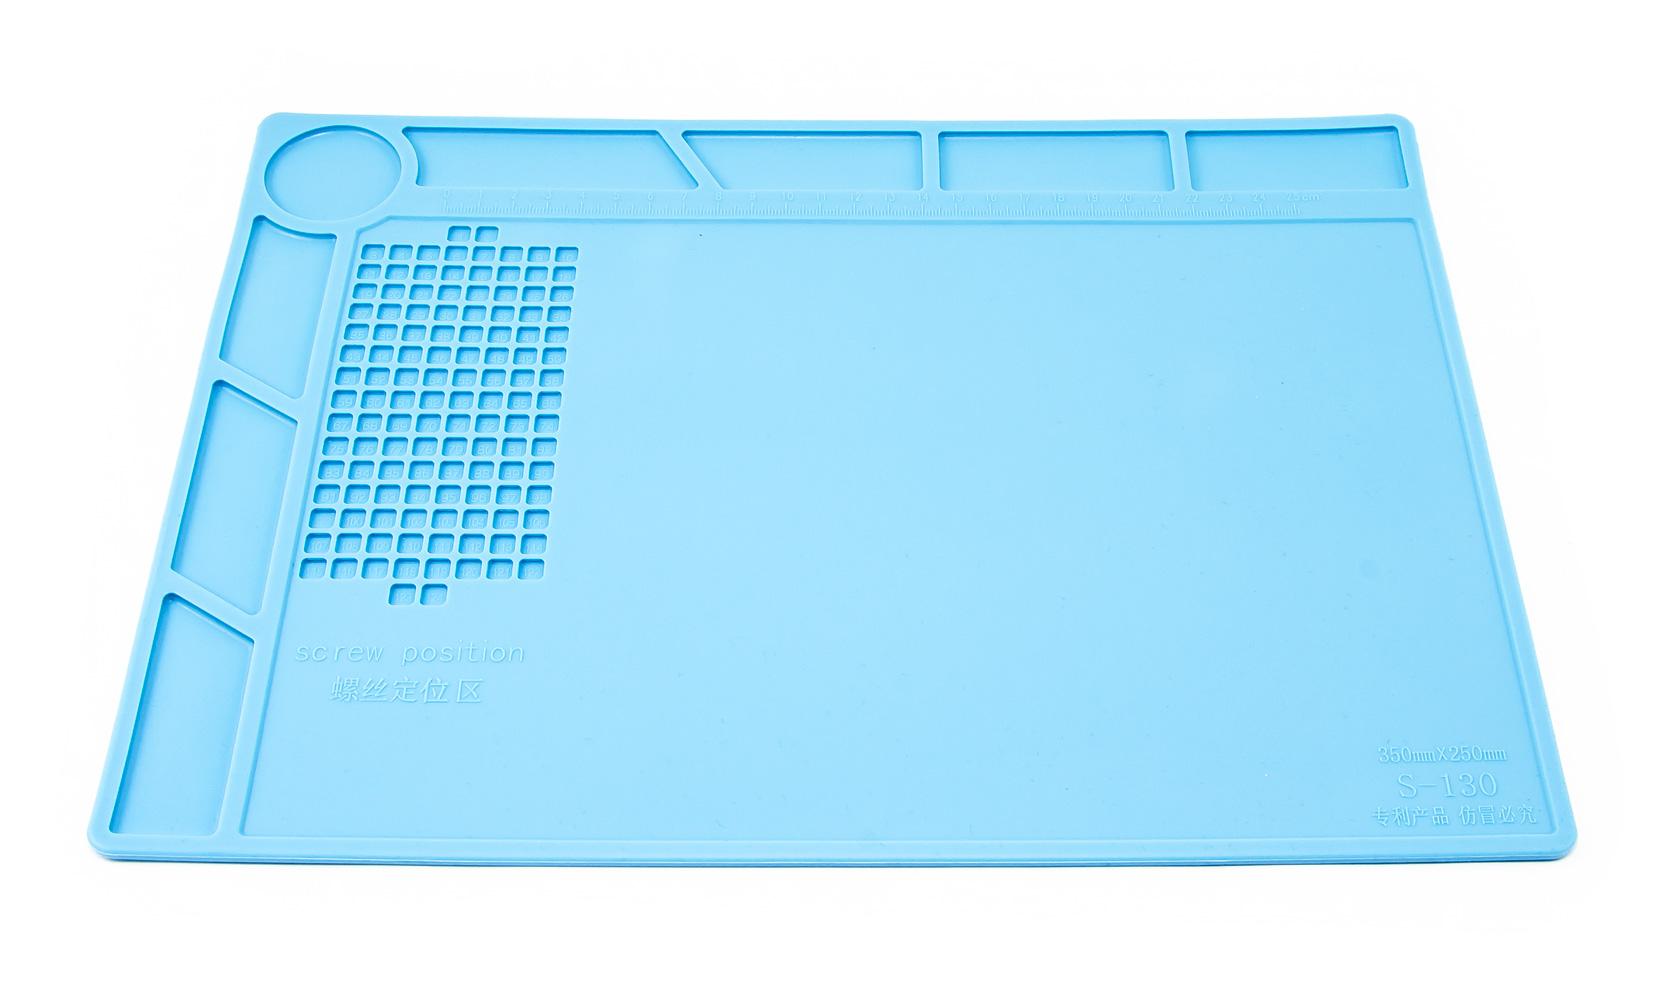 Silikonová podložka pro servis mobilních telefonů a tabletů 35x25cm